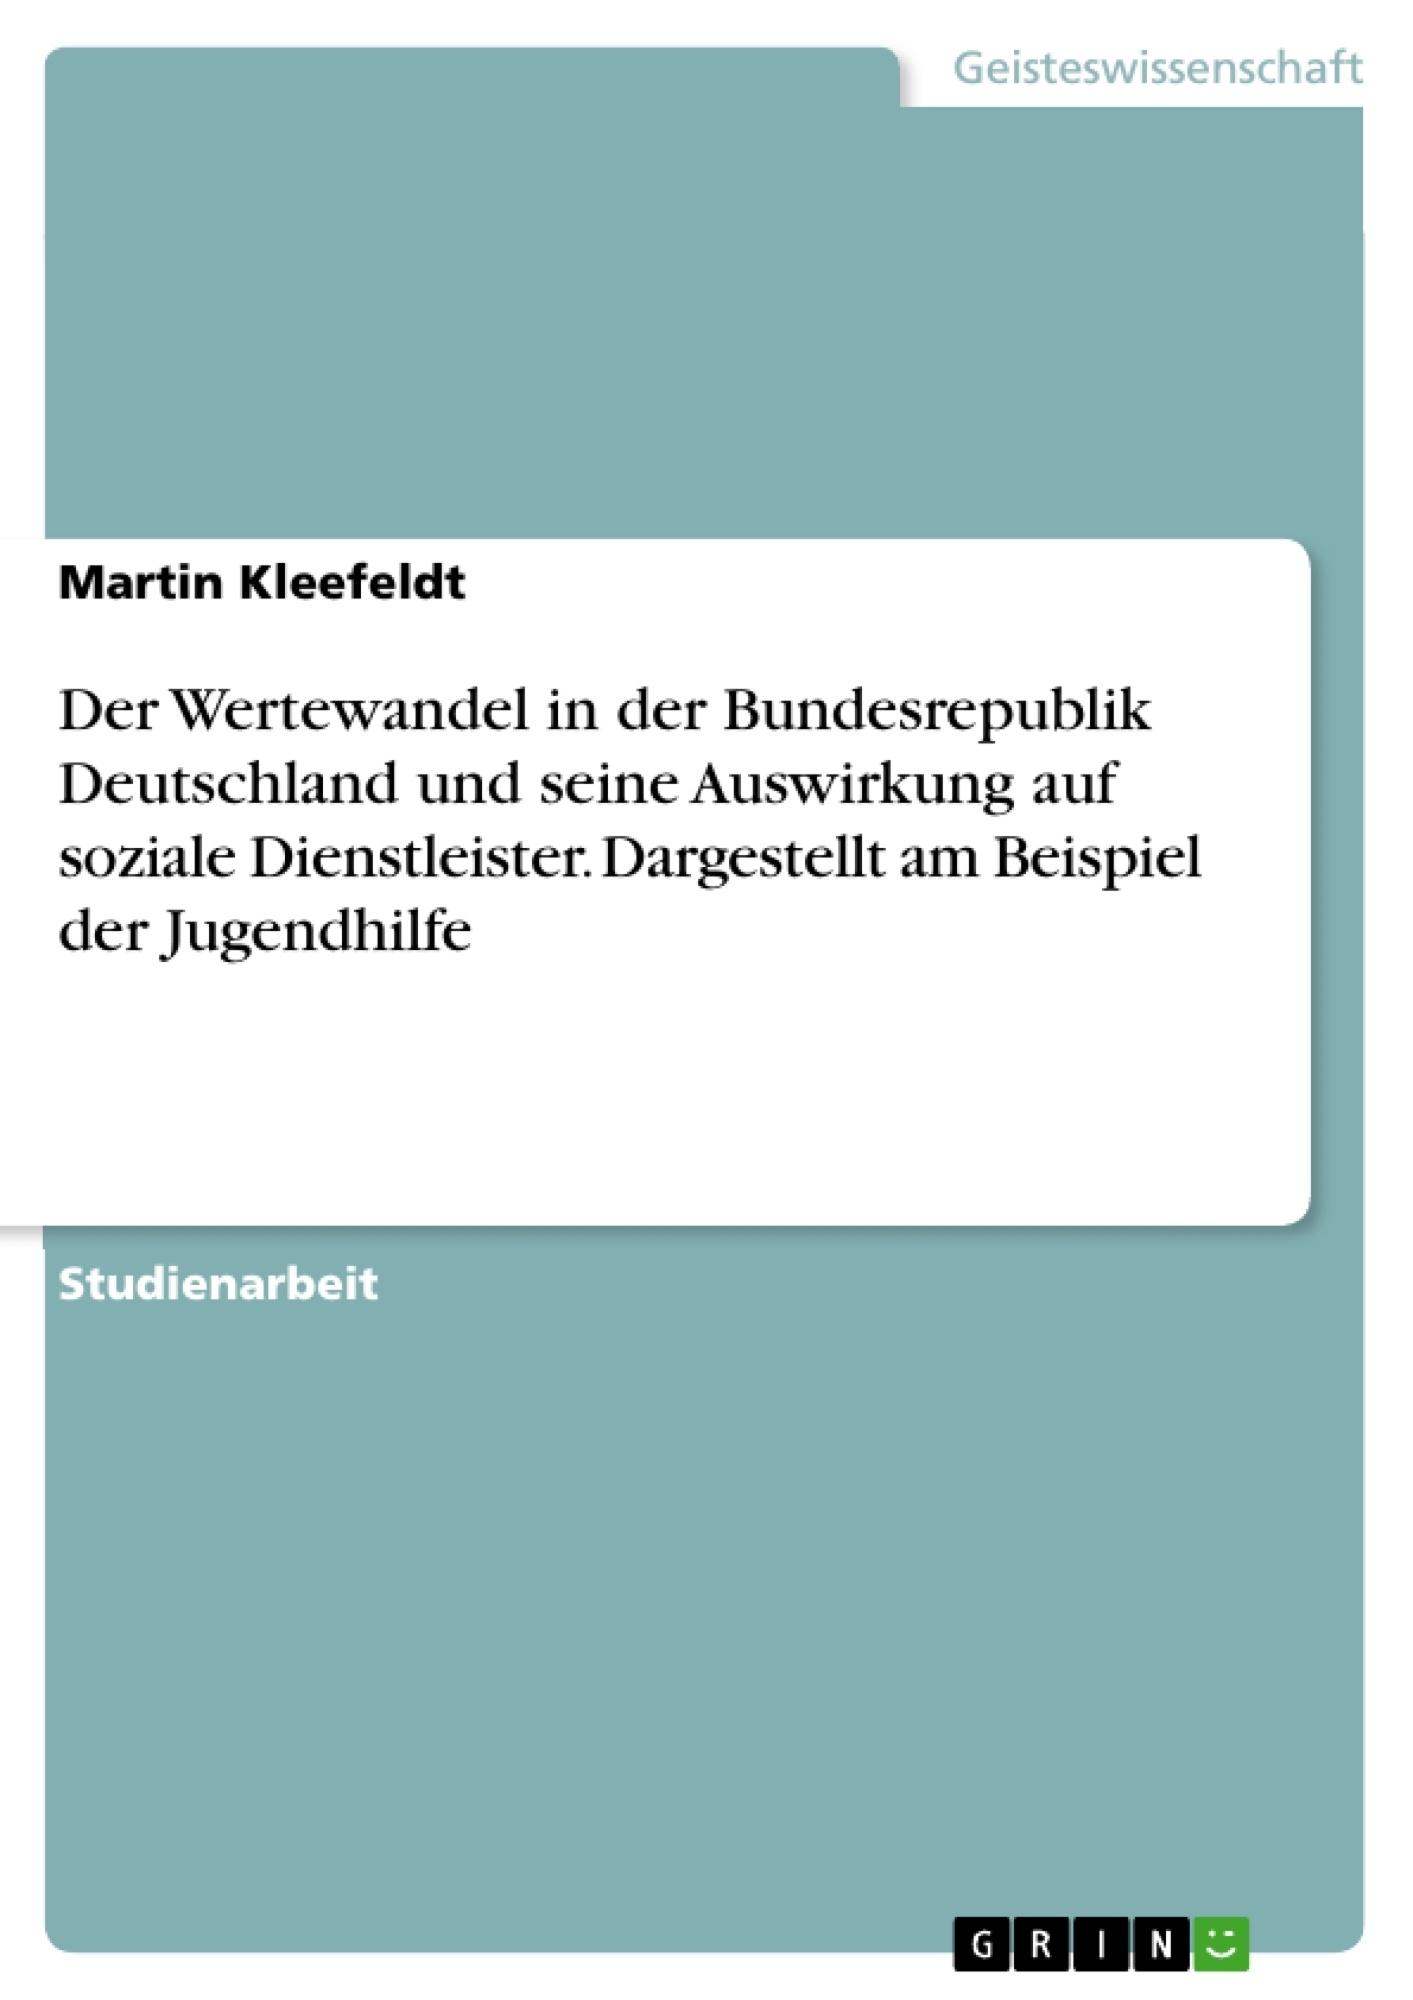 Titel: Der Wertewandel in der Bundesrepublik Deutschland und seine Auswirkung auf soziale Dienstleister. Dargestellt am Beispiel der Jugendhilfe